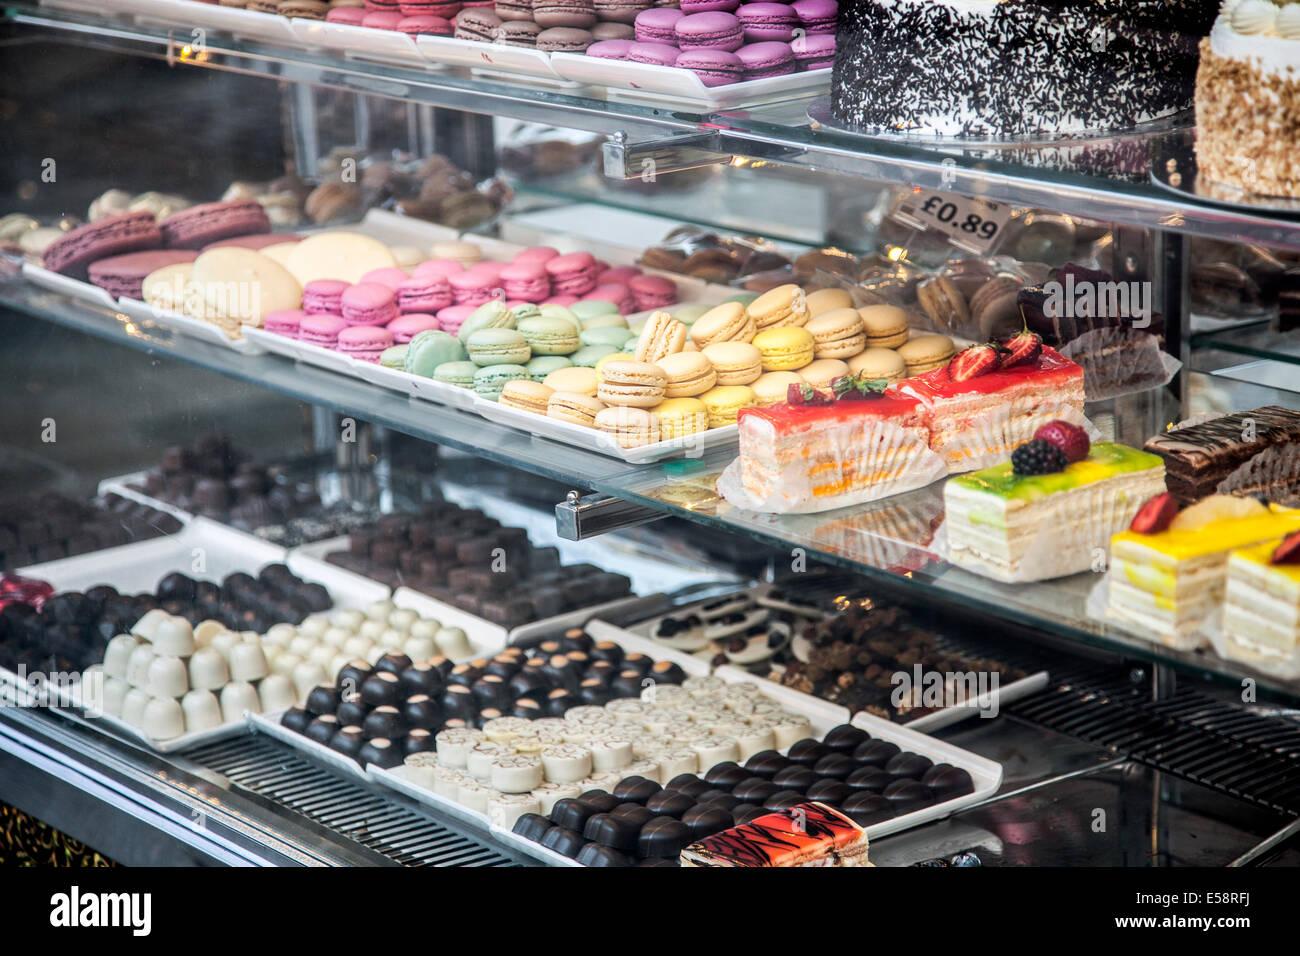 Una Pastelería tienda mostrar con una selección de pasteles, chocolates y macarons en Chorlitejo Town, Imagen De Stock